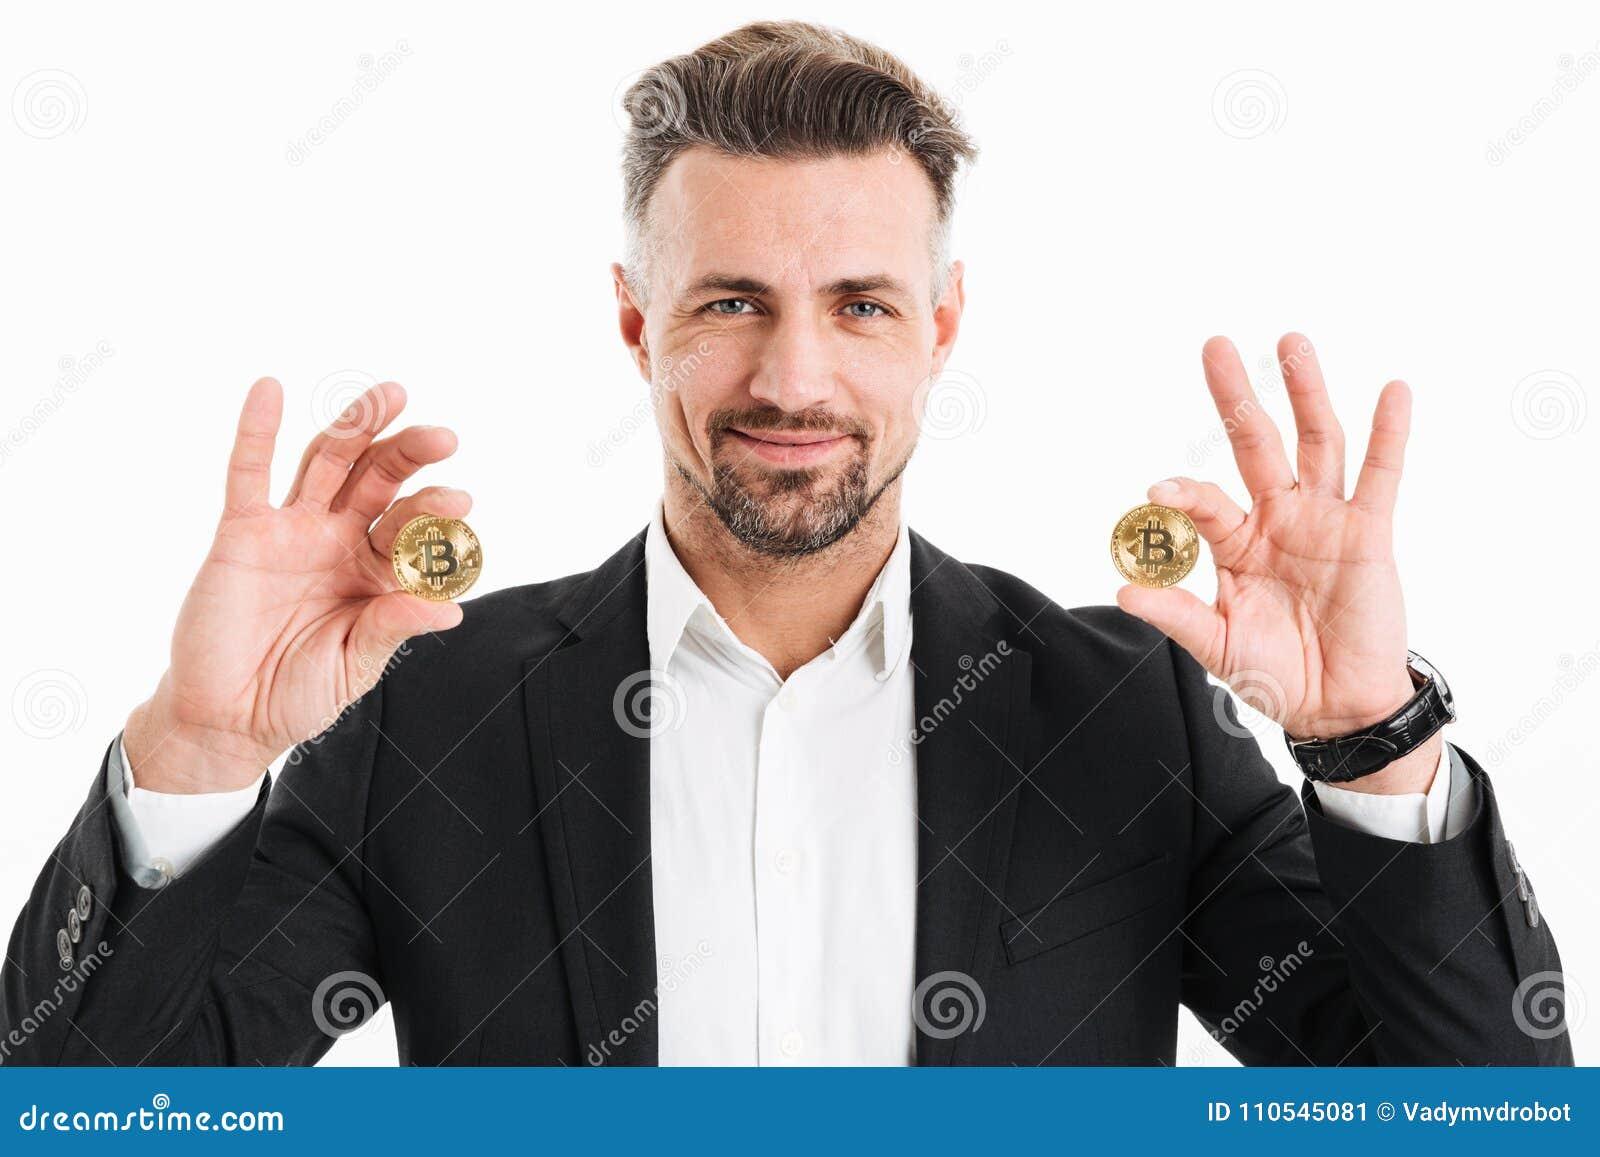 Golden mature thumbs